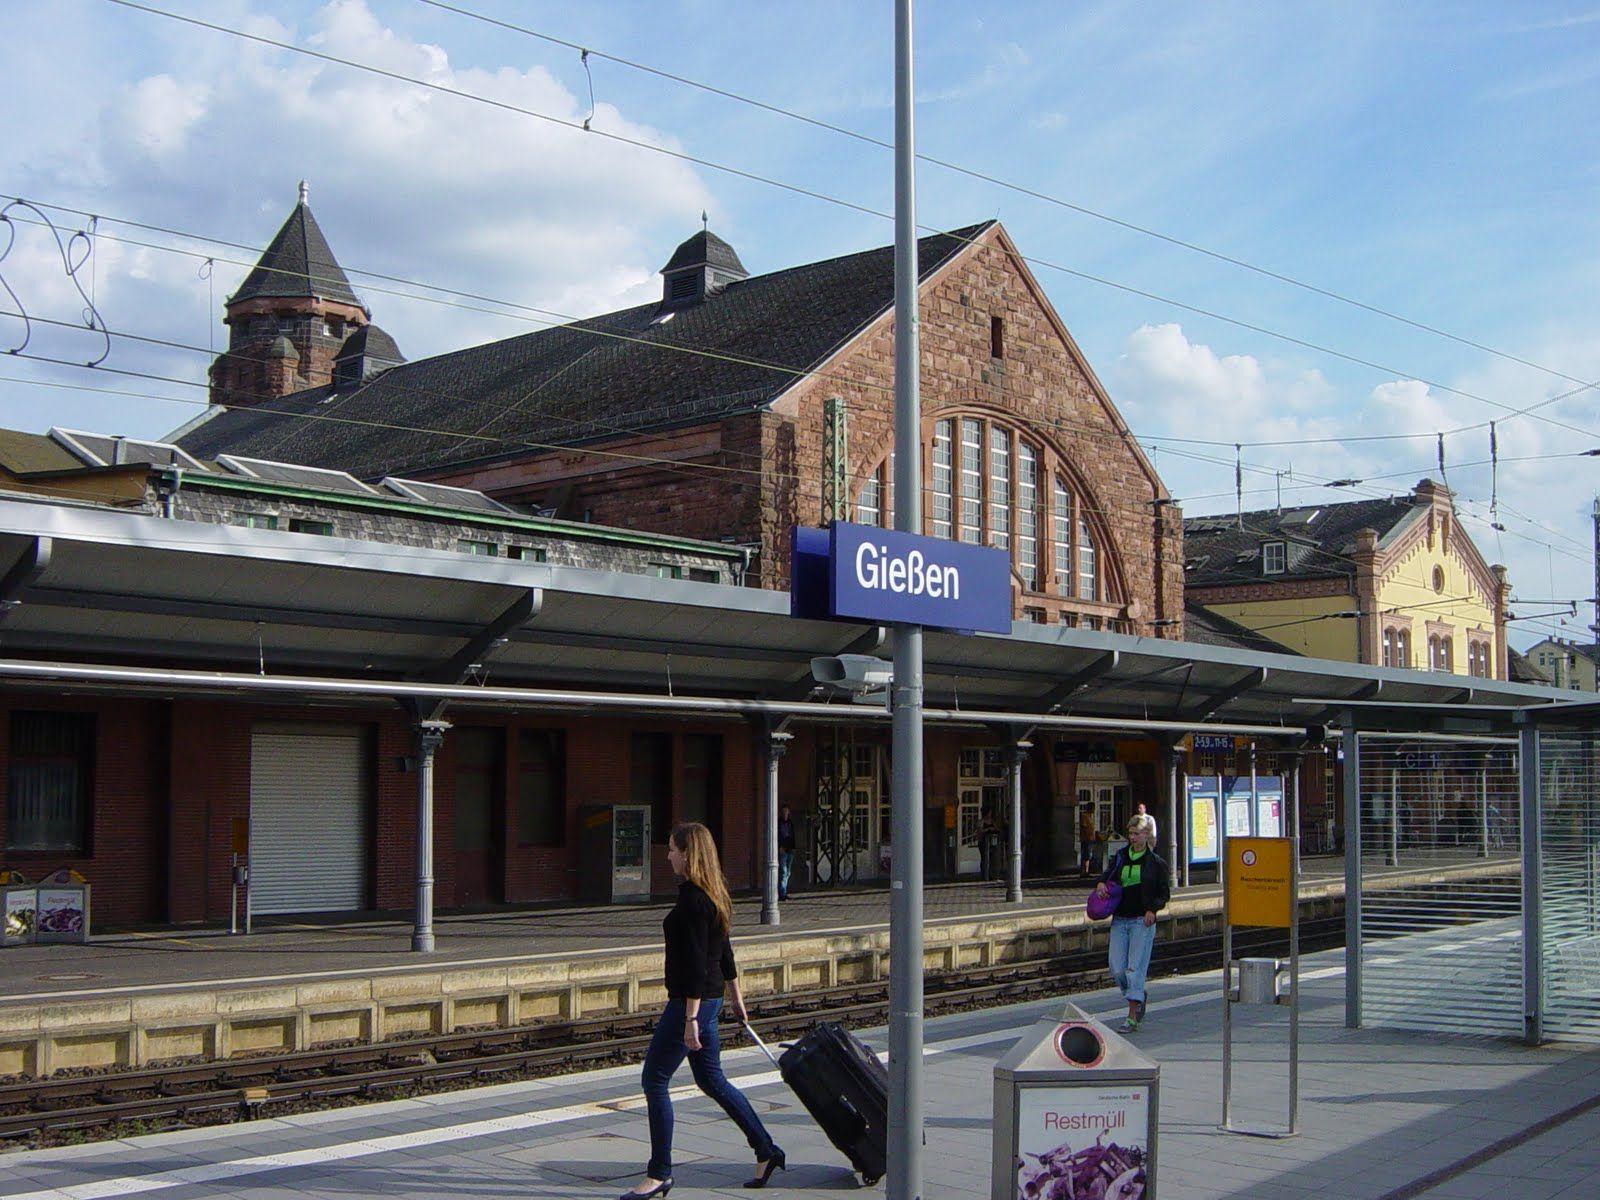 Wo Ist Der Bahnhof Train Station Giessen Germany